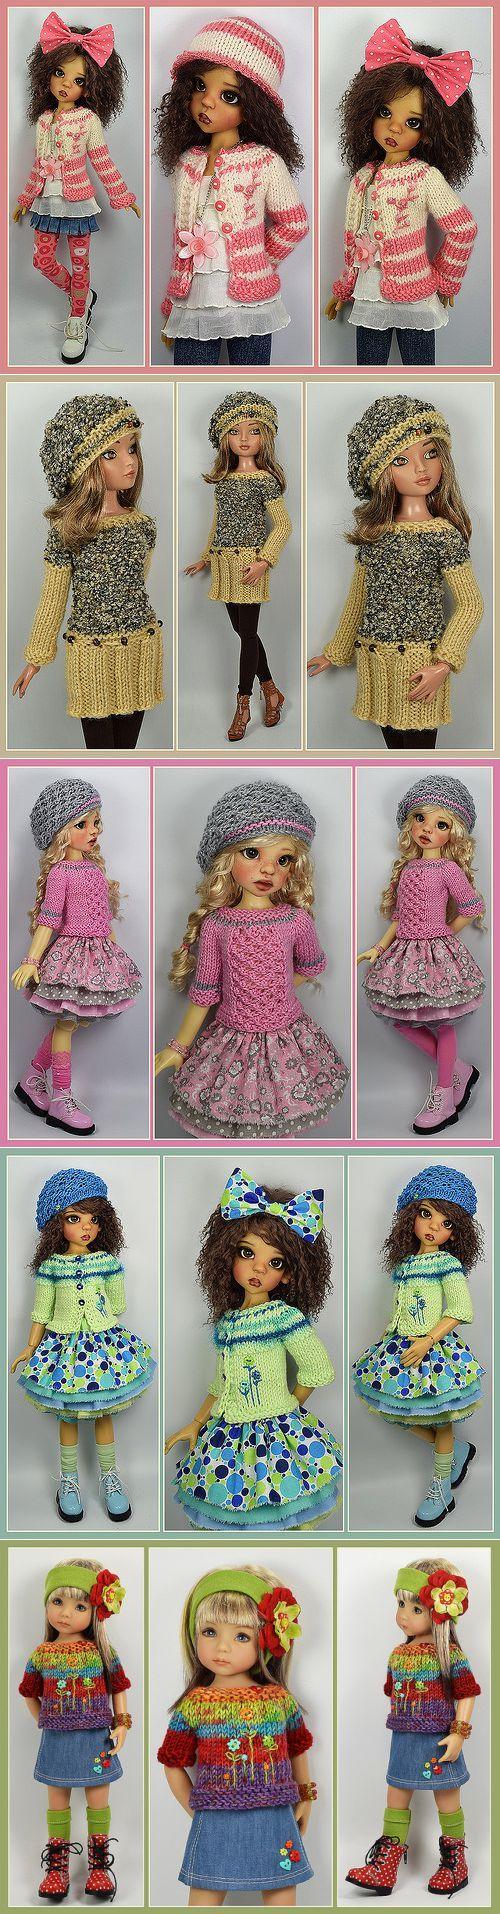 Одежда для кукол.Фото.